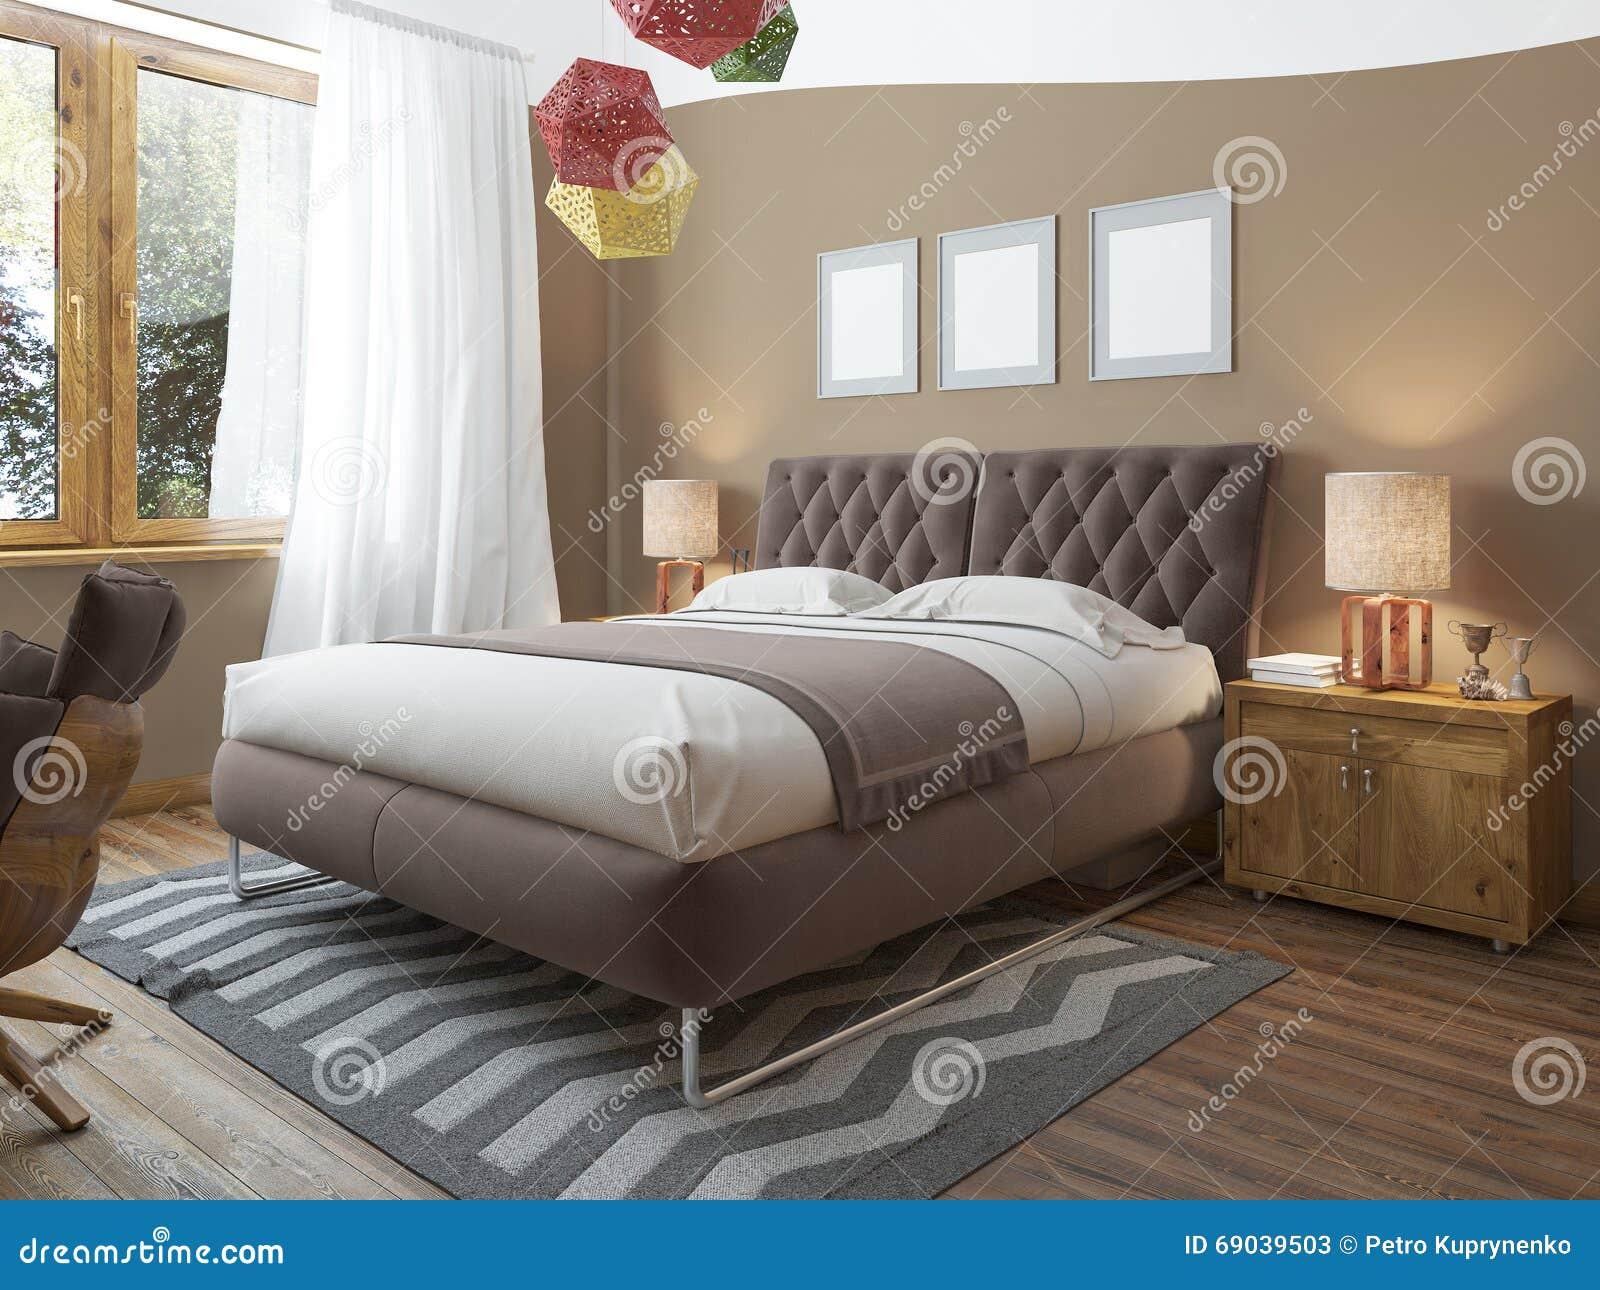 Camera da letto luminosa di lusso nel sottotetto immagine - Camera da letto di lusso ...